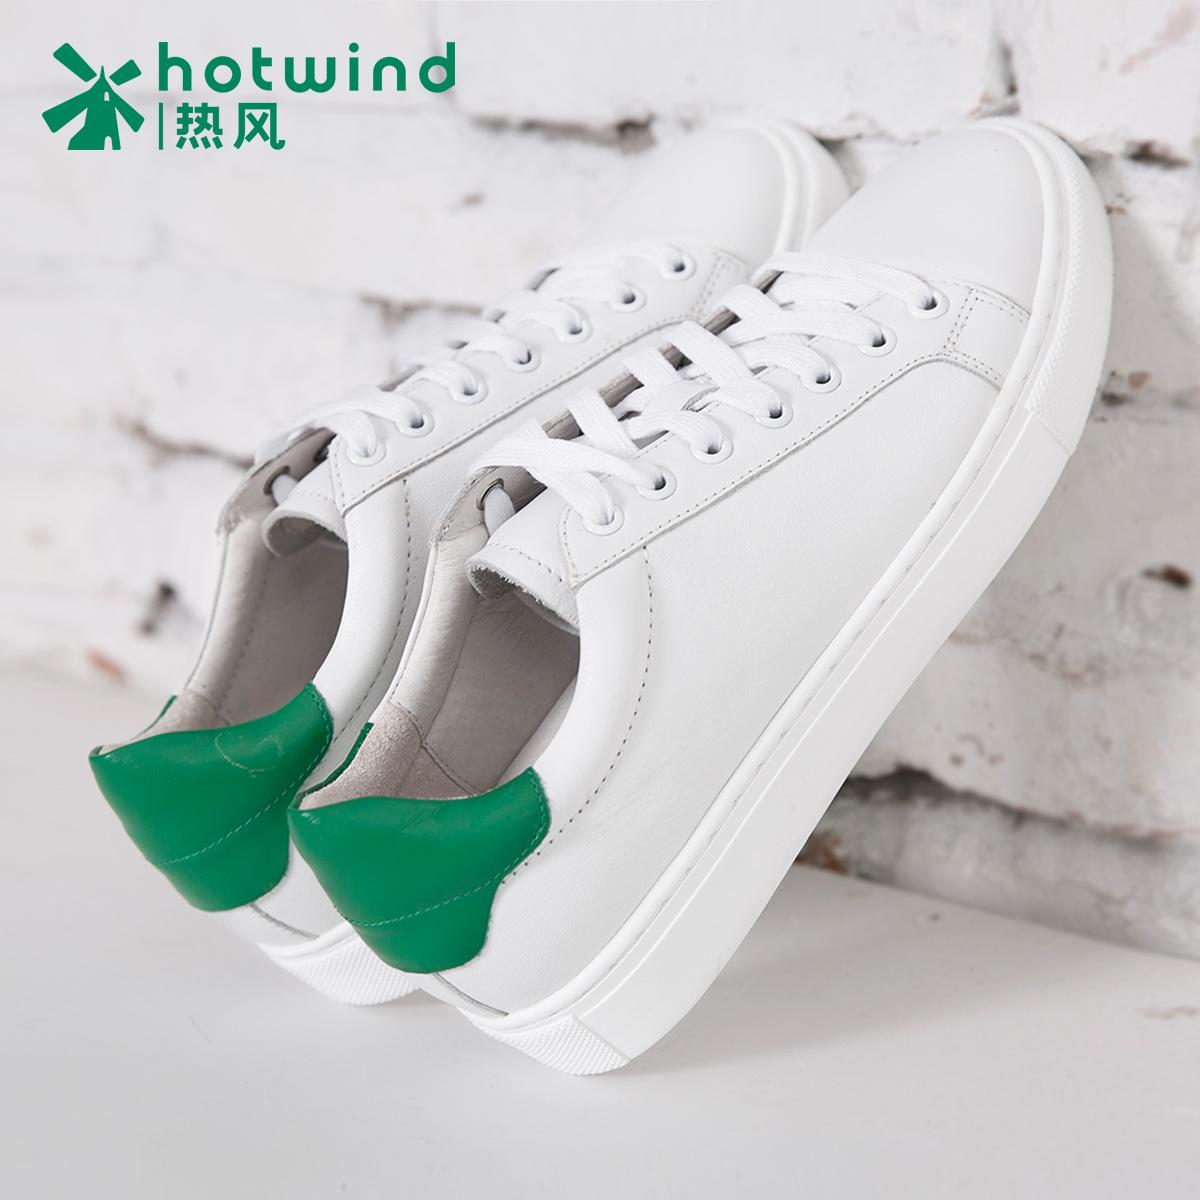 白色单鞋 热风白色板鞋女2016小白鞋女韩版平底休闲系带单鞋H13W6307_推荐淘宝好看的白色单鞋